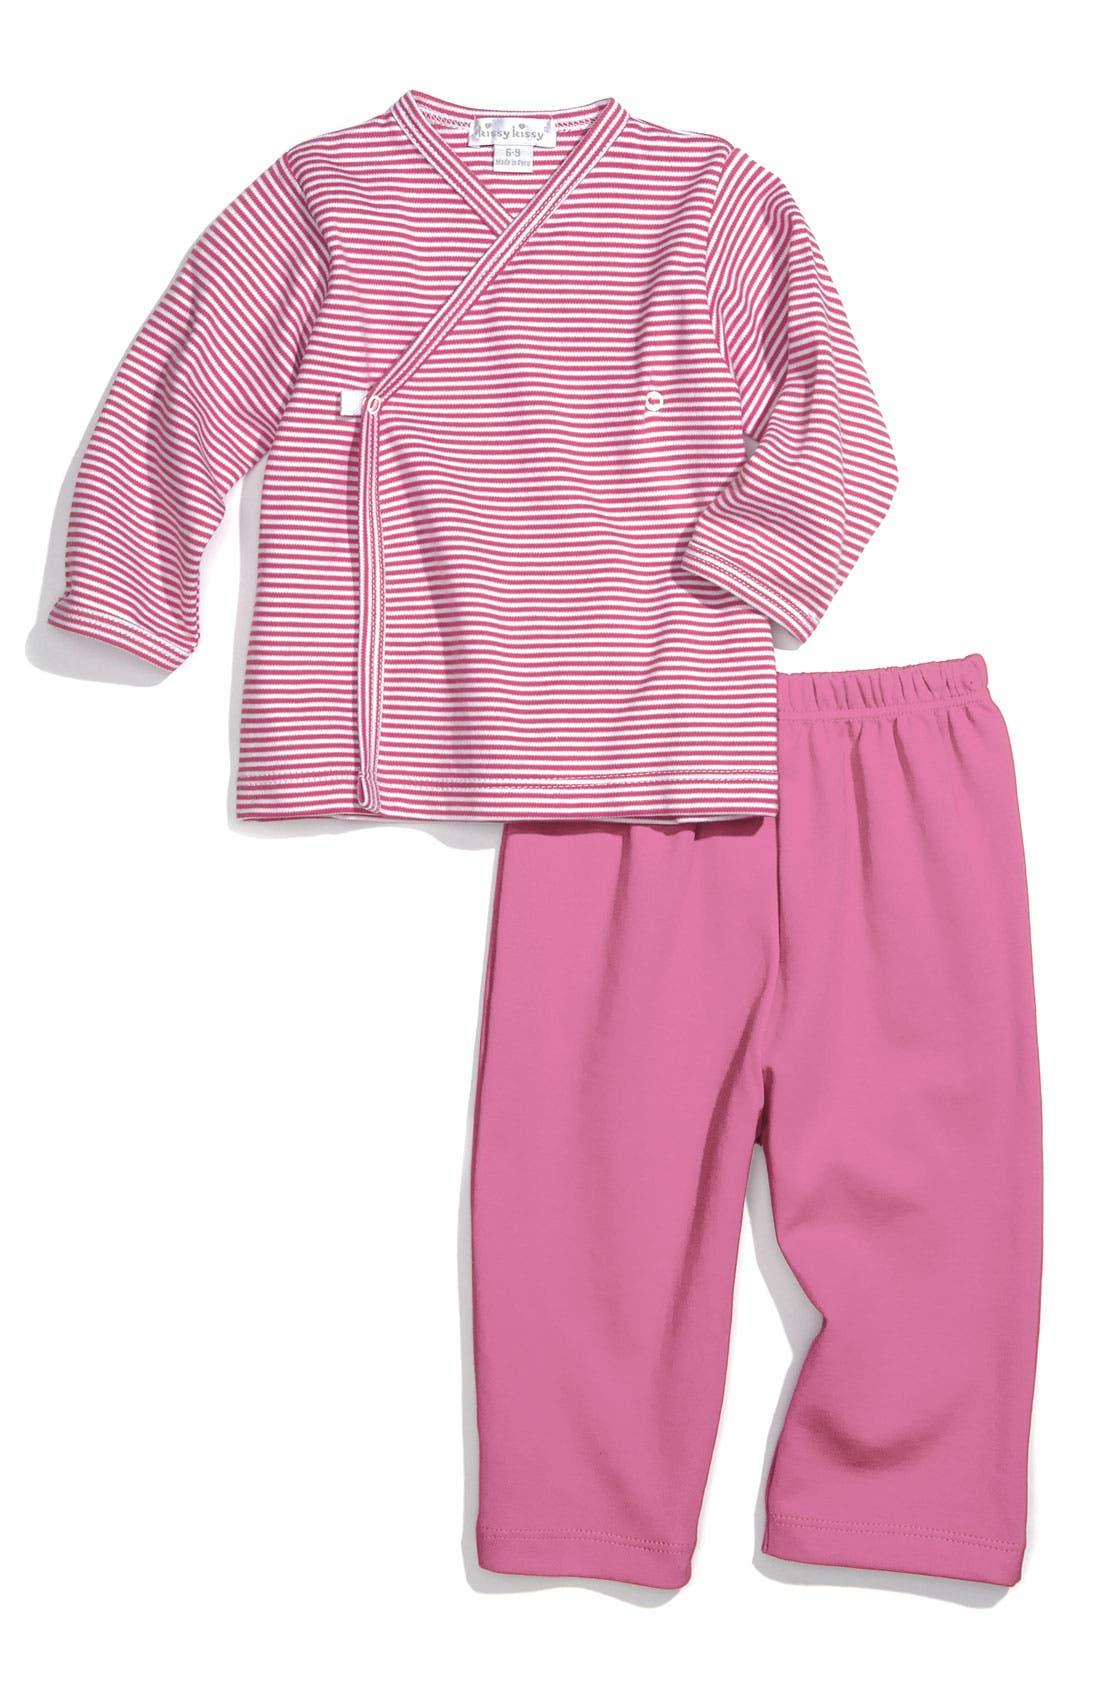 Main Image - Kissy Kissy Top & Pants Set (Baby)